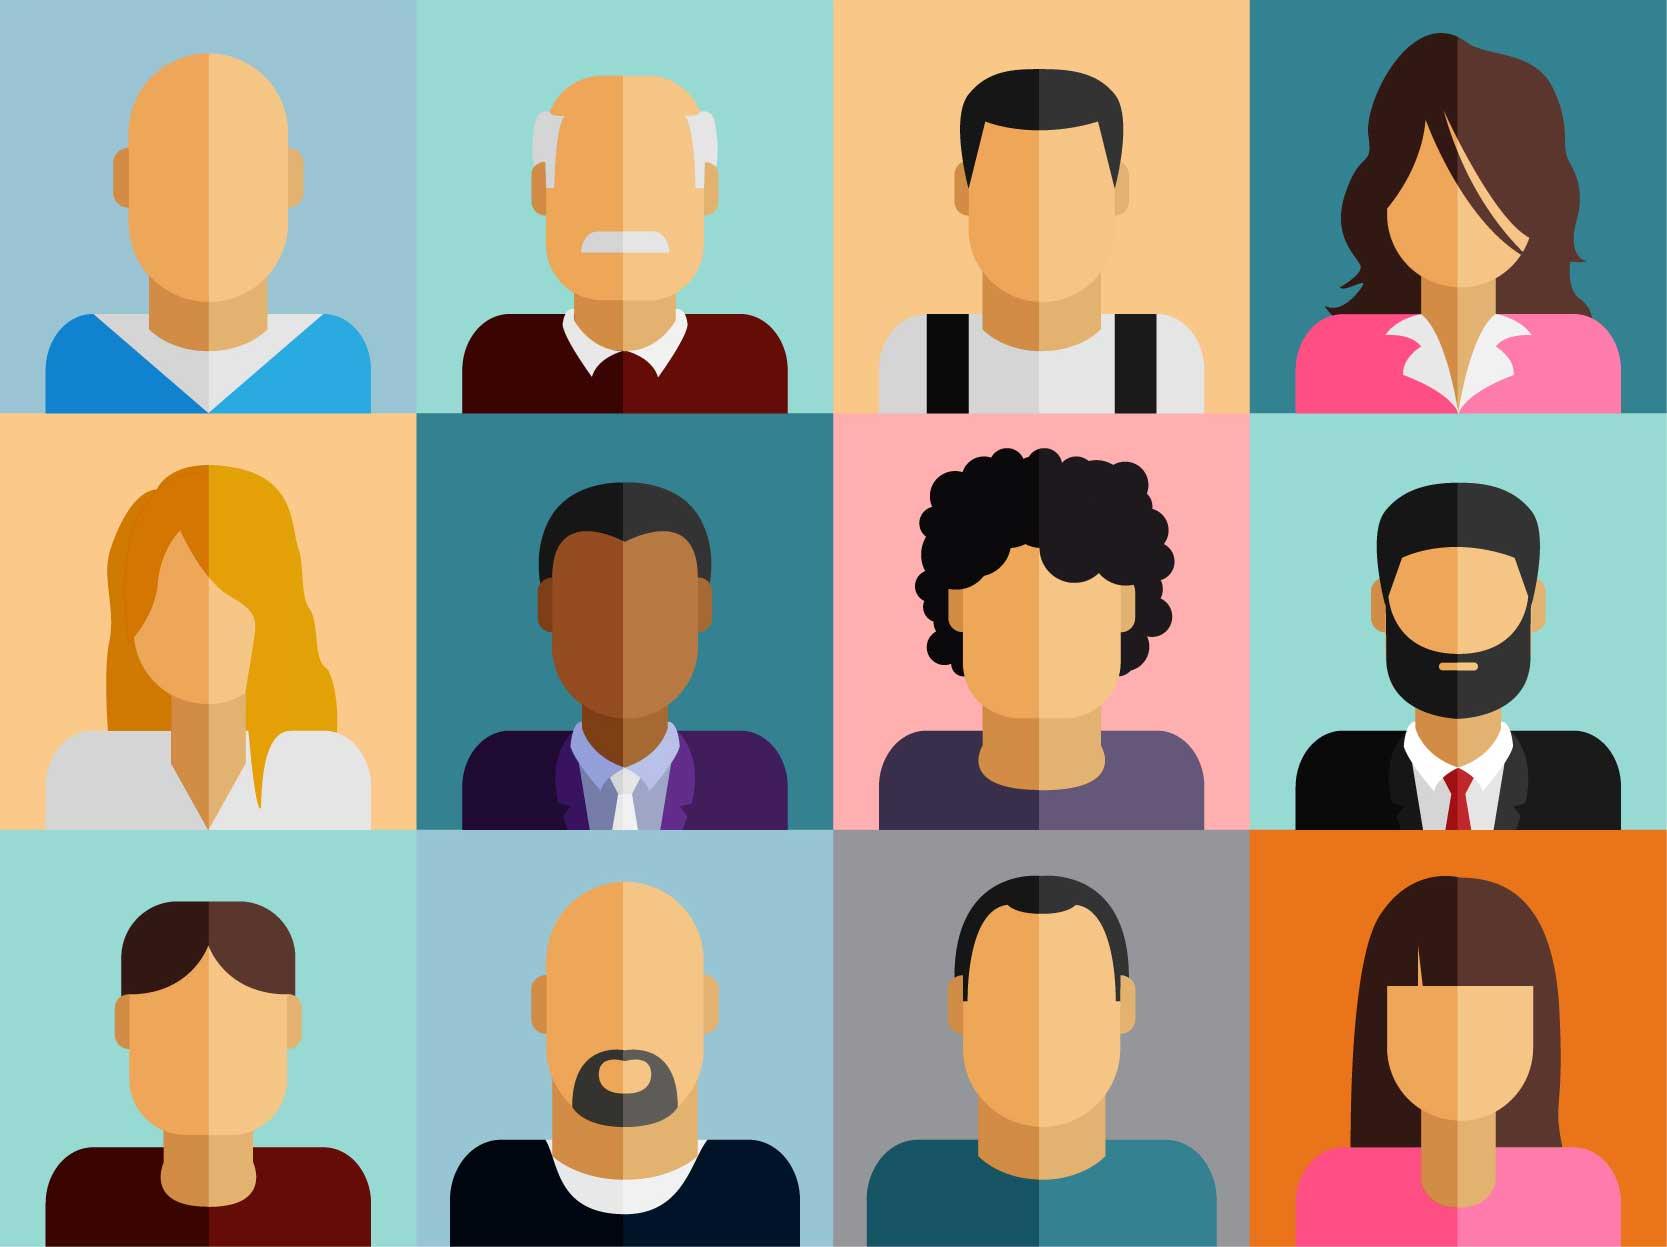 Personas in Agile Software development